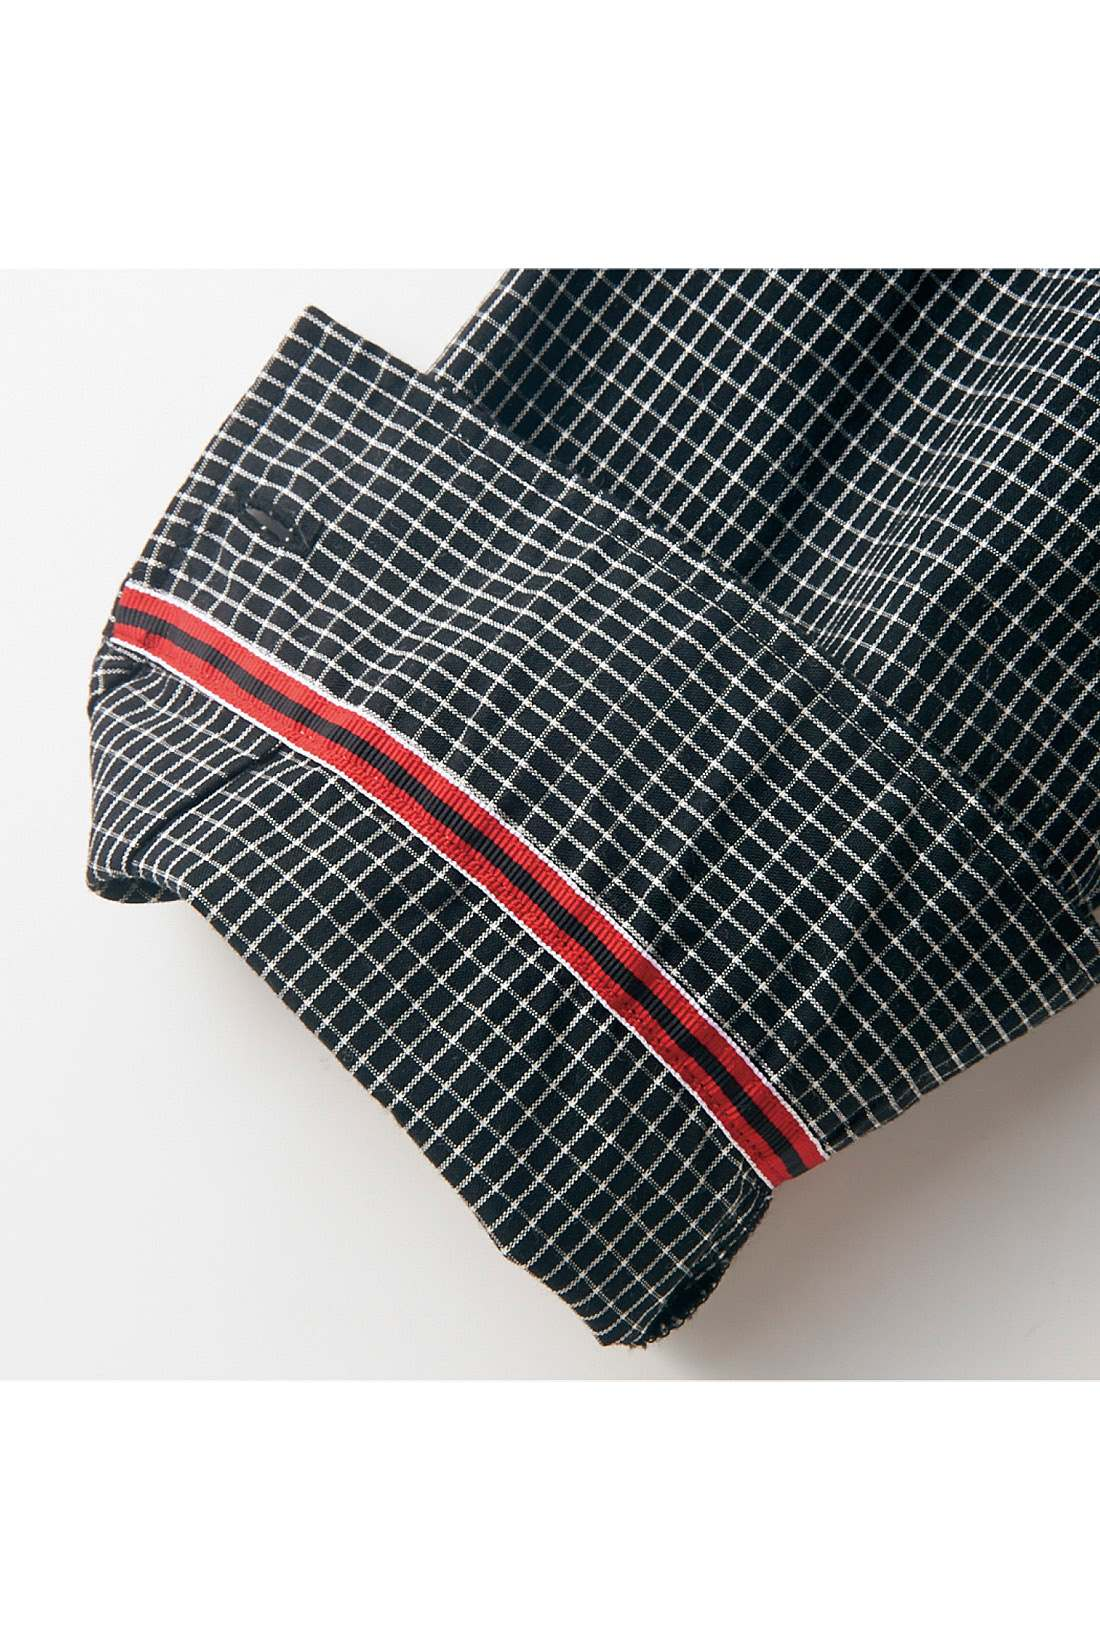 袖と衿の裏には、着こなしのアクセントになる2配色のテープをさりげなく。